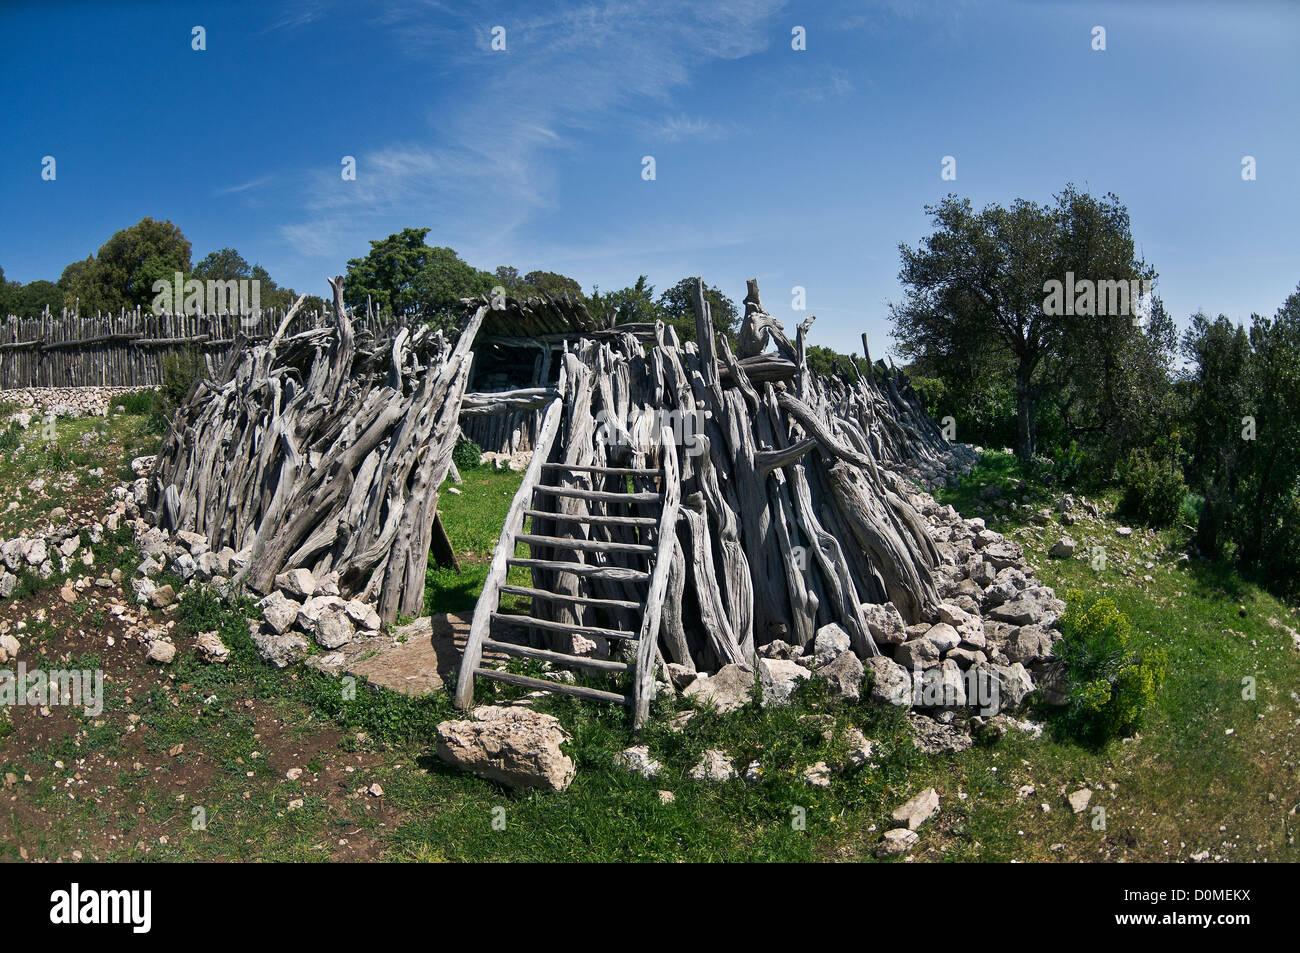 a sheep-fold, Urzulei, Nuoro province, Sardinia, Italy - Stock Image